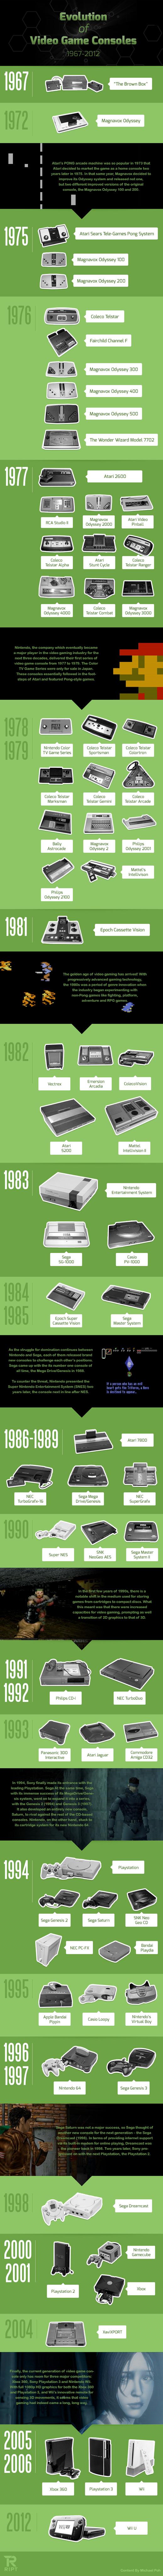 Infografia de la Evolucion de las consolas de videojuegos